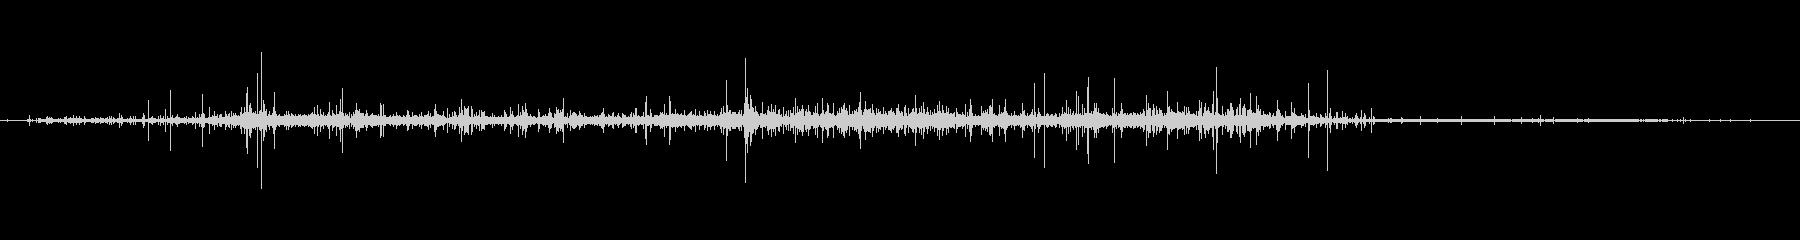 SLIMY SLITHER Tor...の未再生の波形